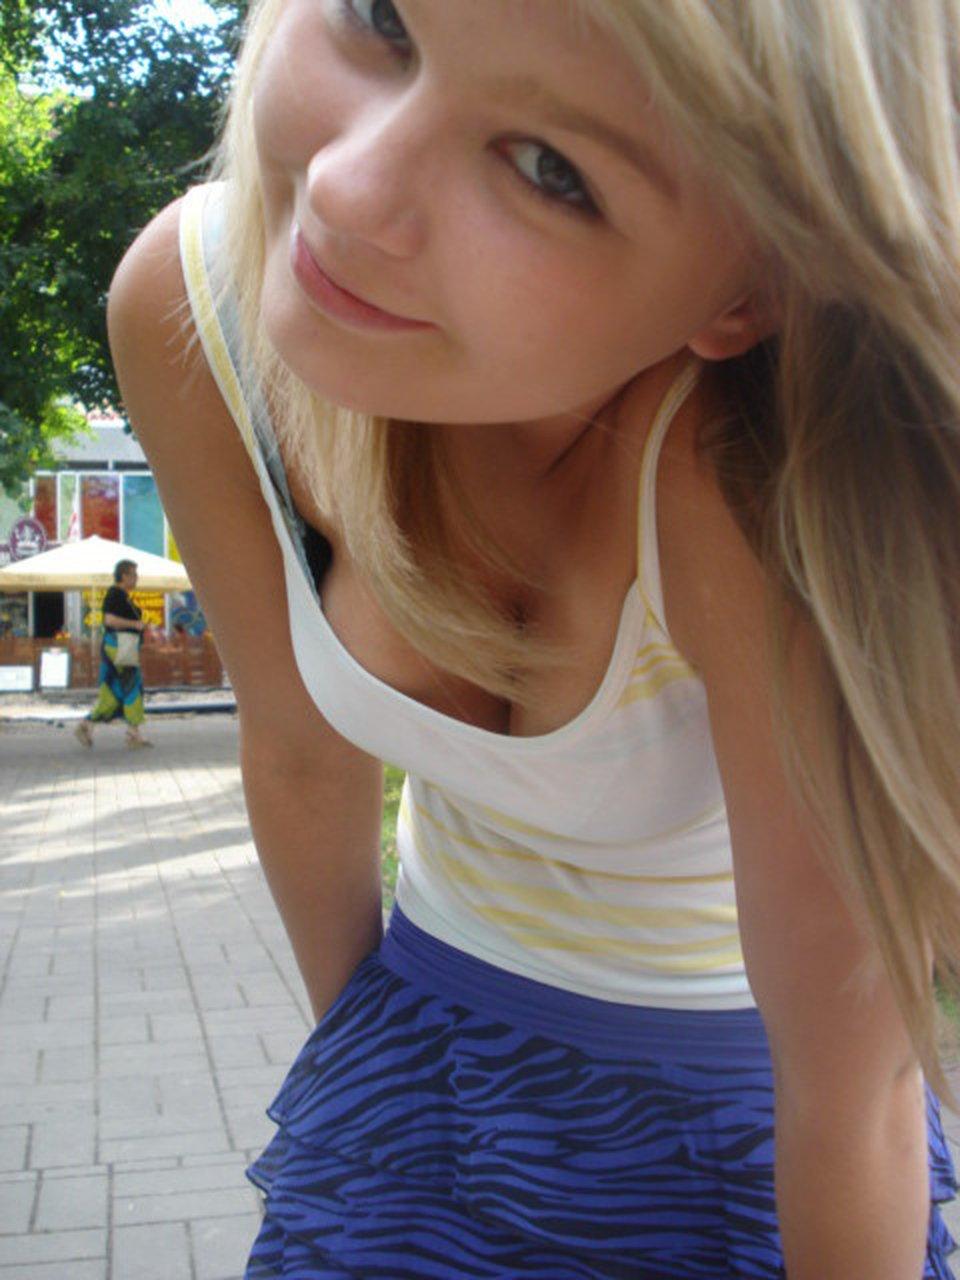 10代 20代 外国人 可愛い 胸チラ 乳首チラ エロ画像【2】